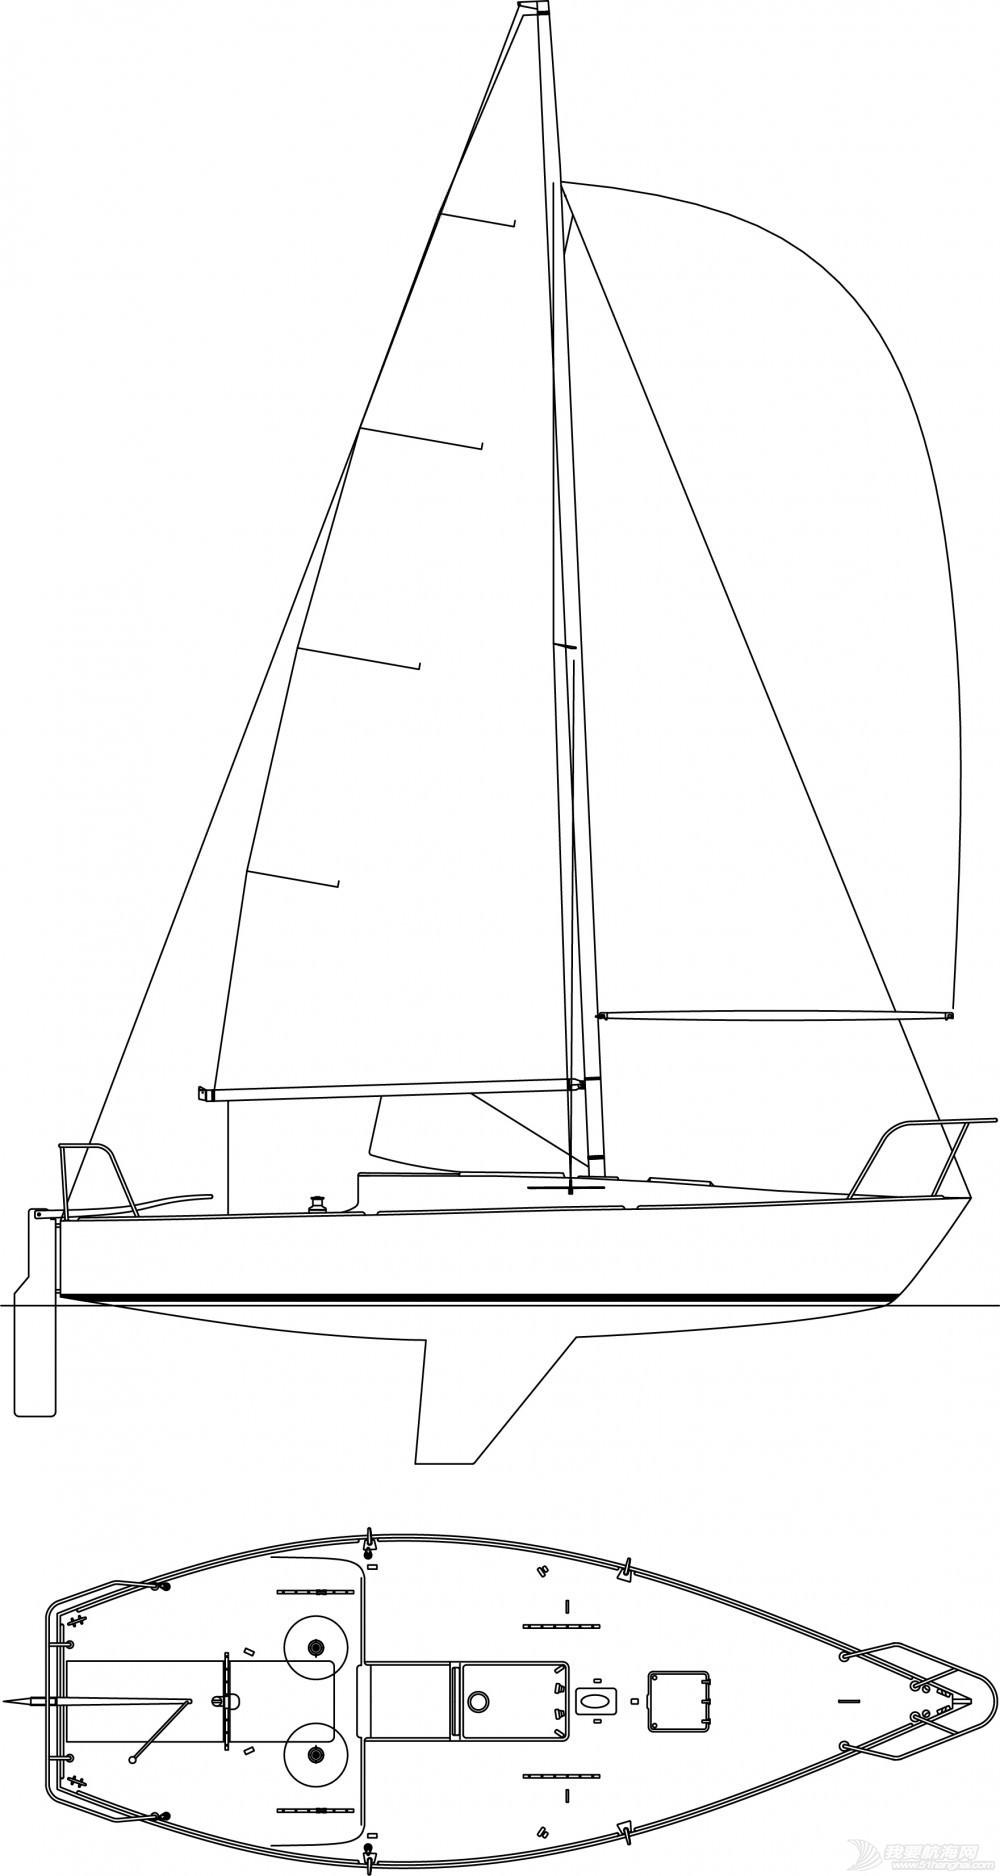 帆船,制作 GR-750帆船的龙骨制作 J24-Layouts-1000x1876.jpg